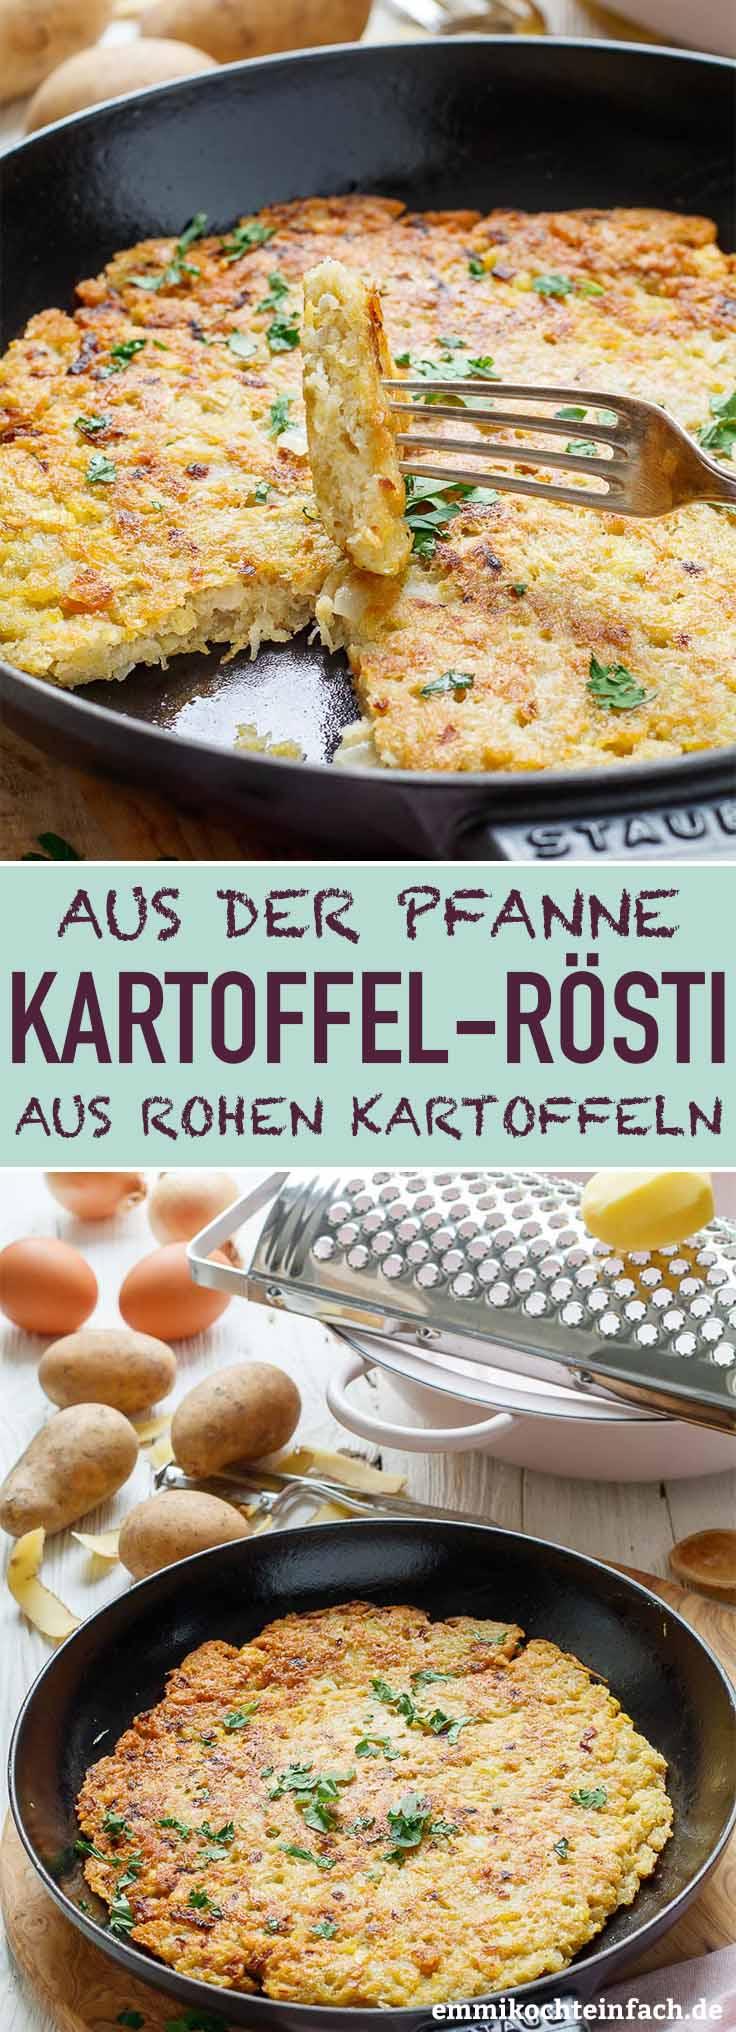 Kartoffelrösti aus rohen Kartoffeln - www.emmikochteinfach.de